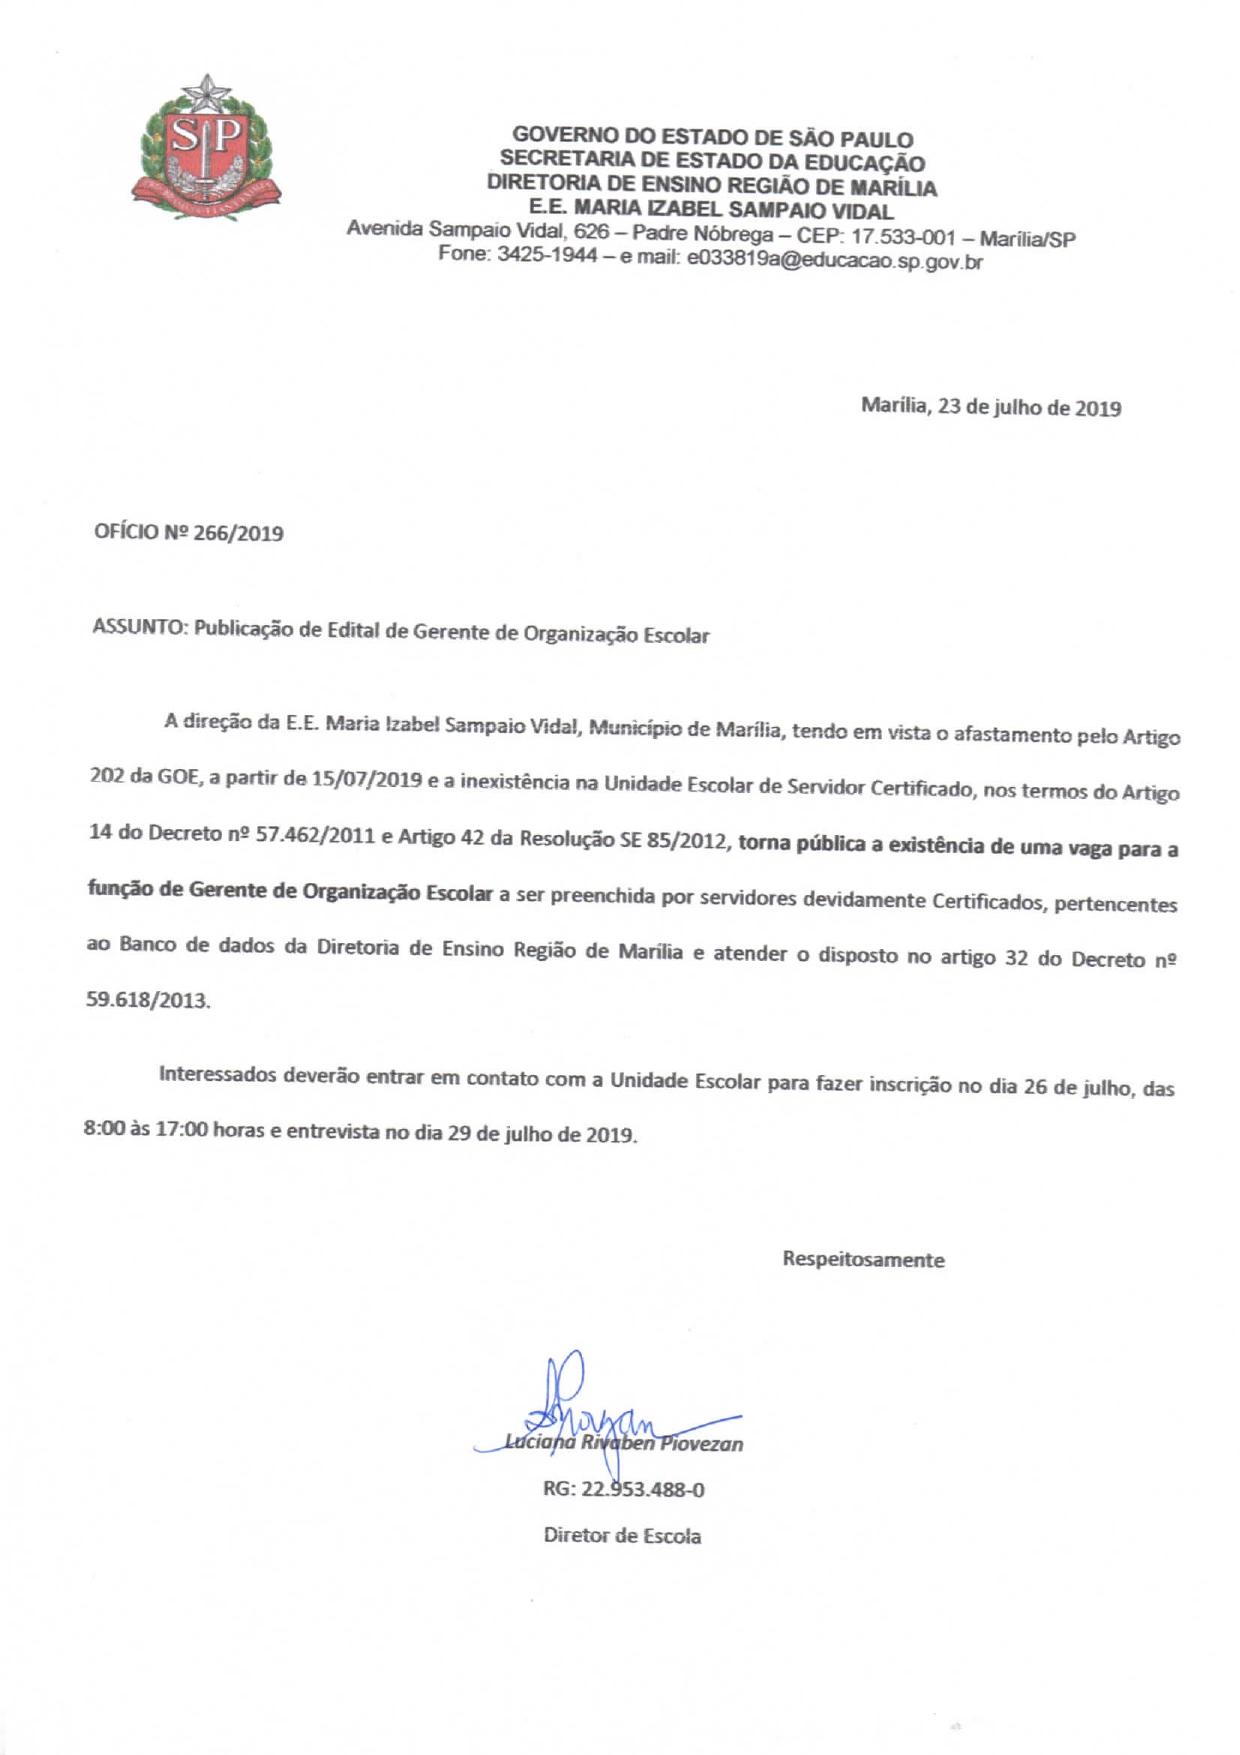 Edital de Gerente de Organização Escolar – EE Maria Izabel Sampaio